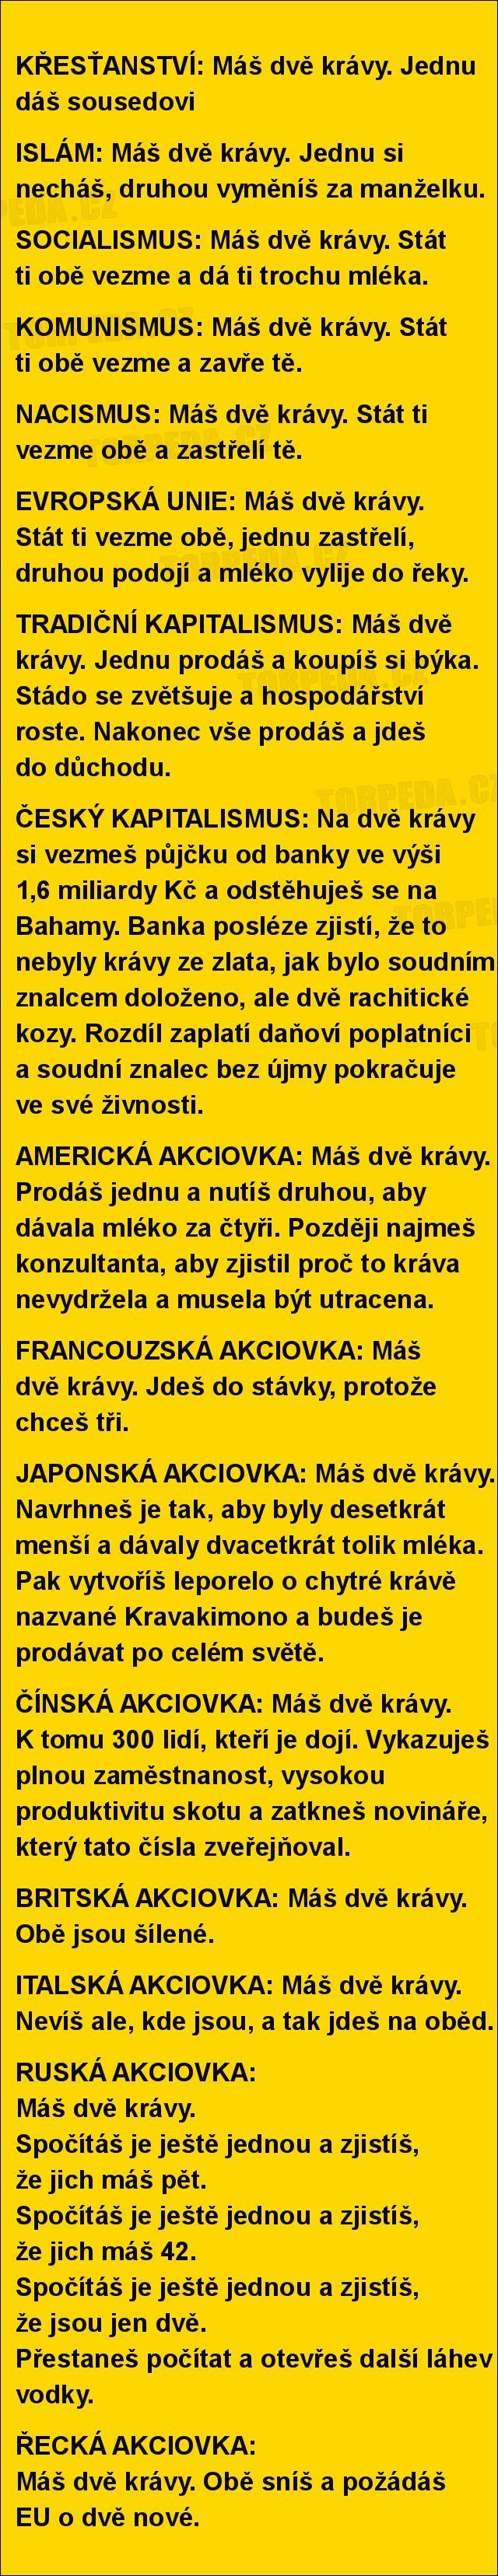 Pohledy na hospodaření v různých politických či náboženských uskupeních... | torpeda.cz - vtipné obrázky, vtipy a videa